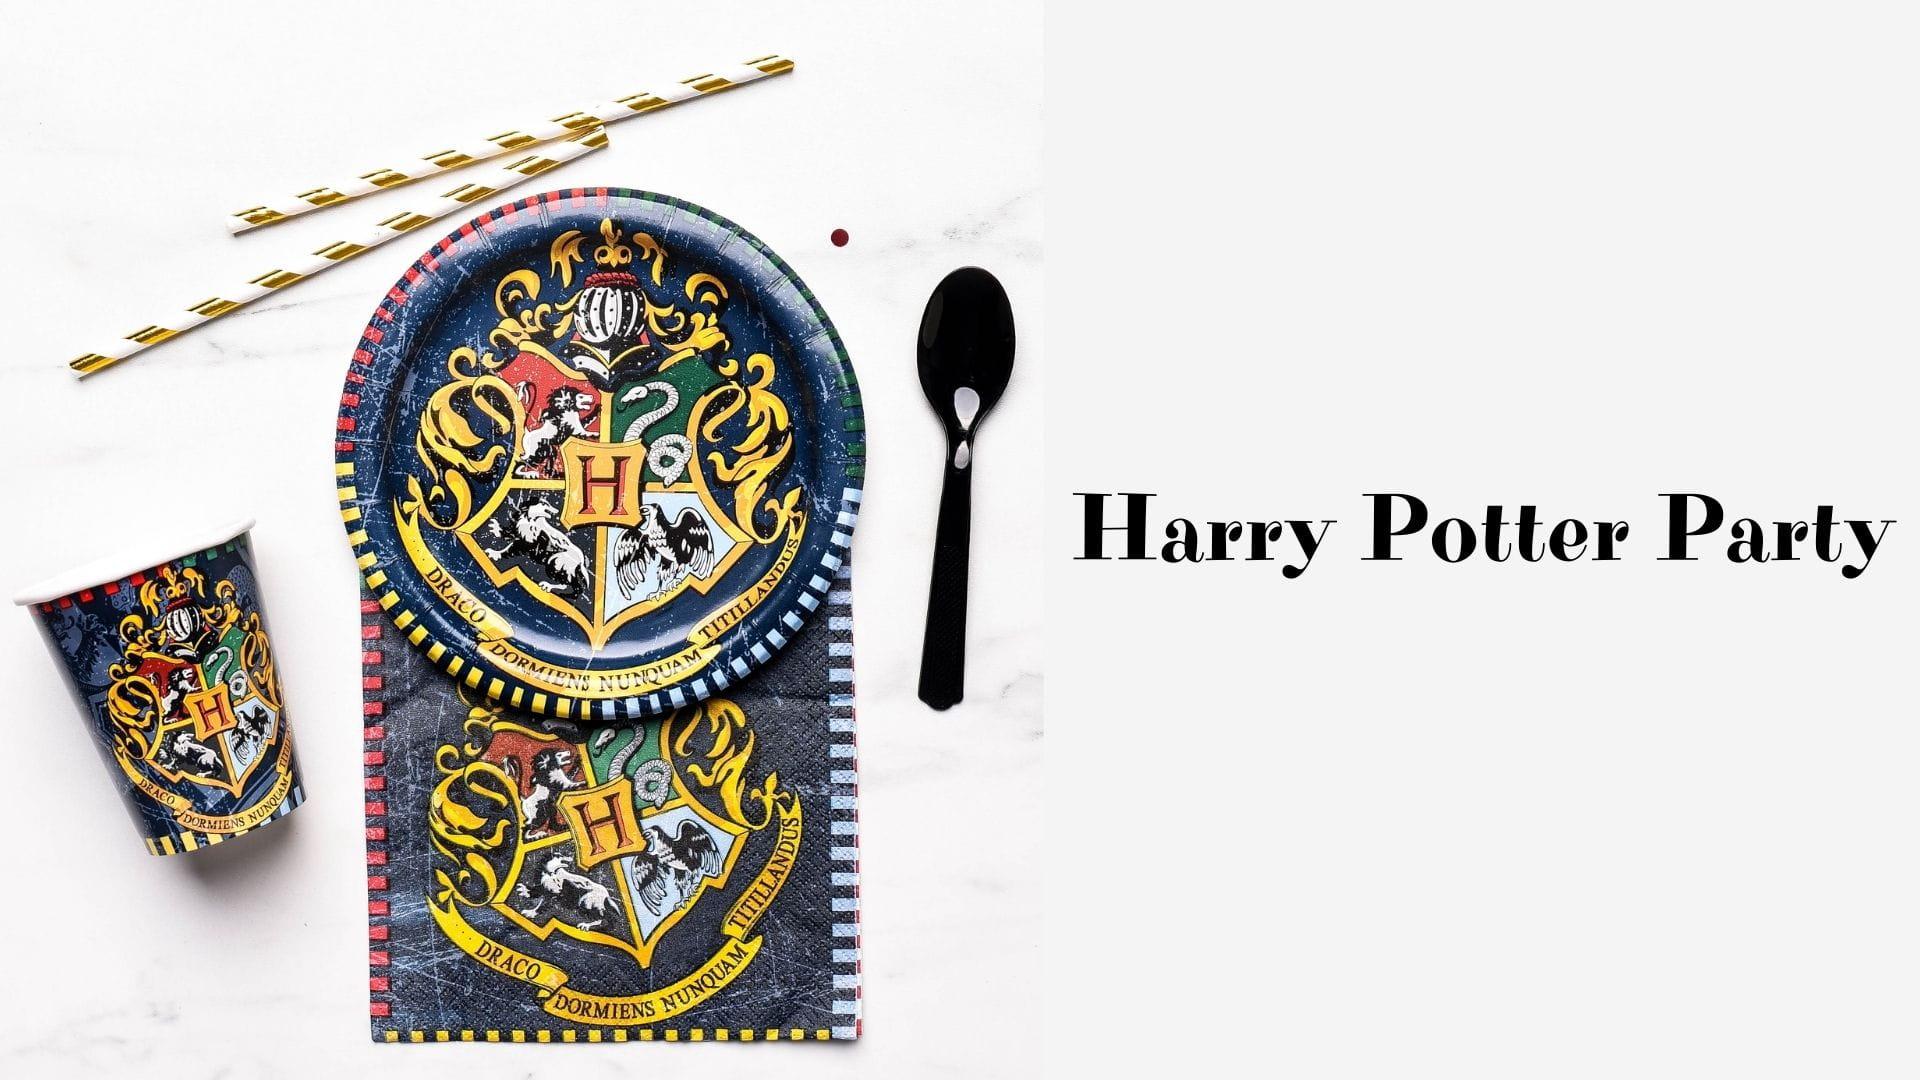 Harry Potter Party, czyli impreza w stylu Harrego Pottera